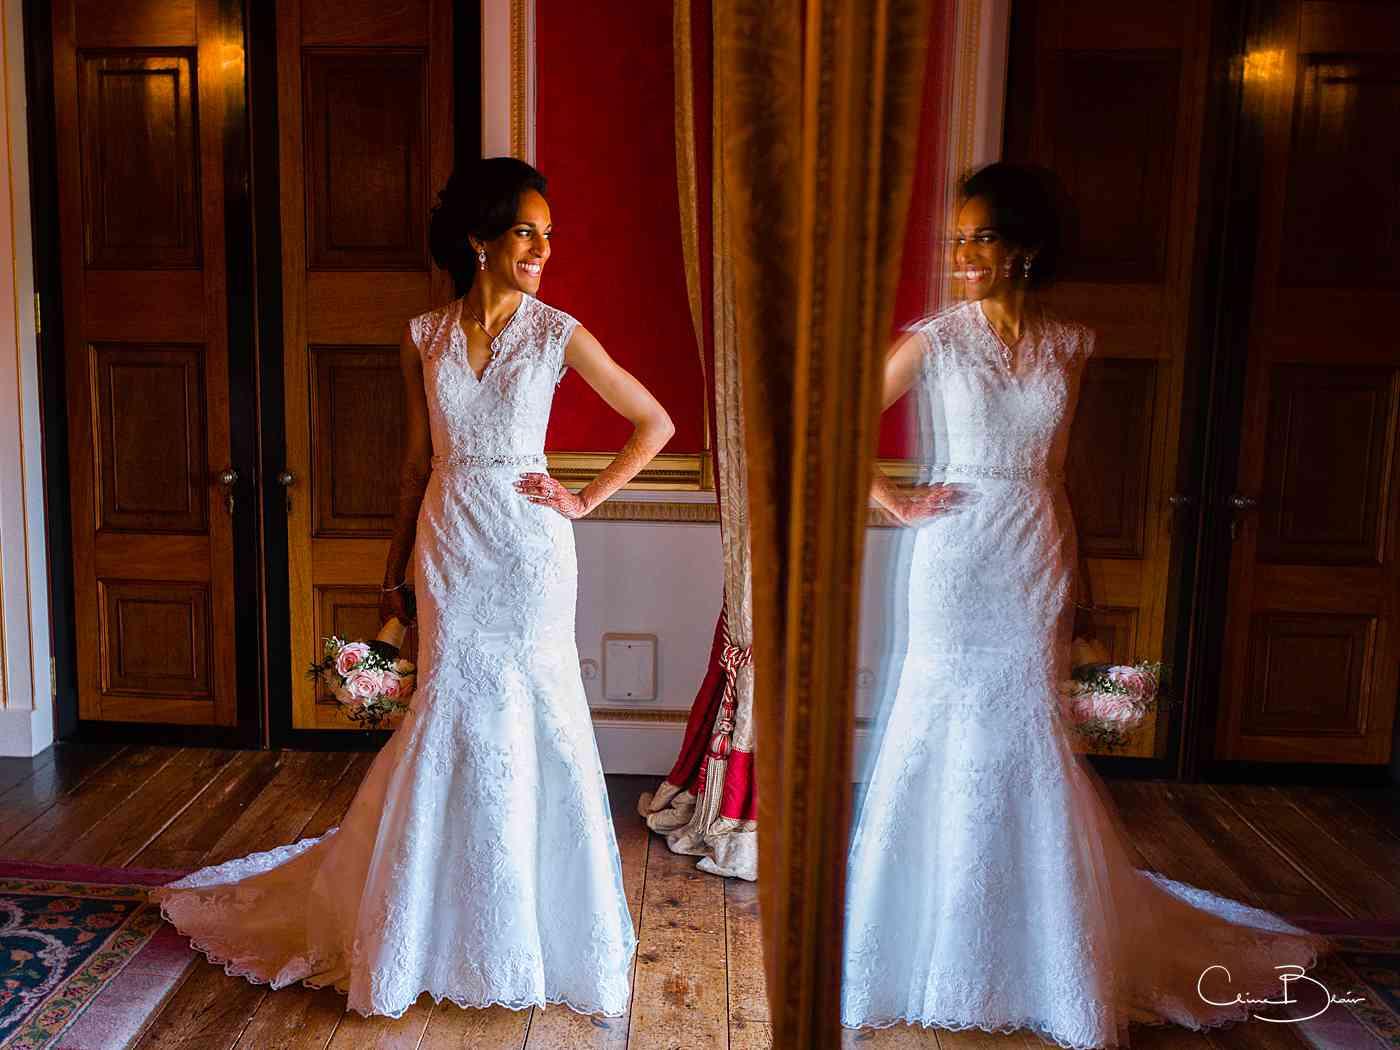 Bride in reflexction of mirror at Ragley Hall